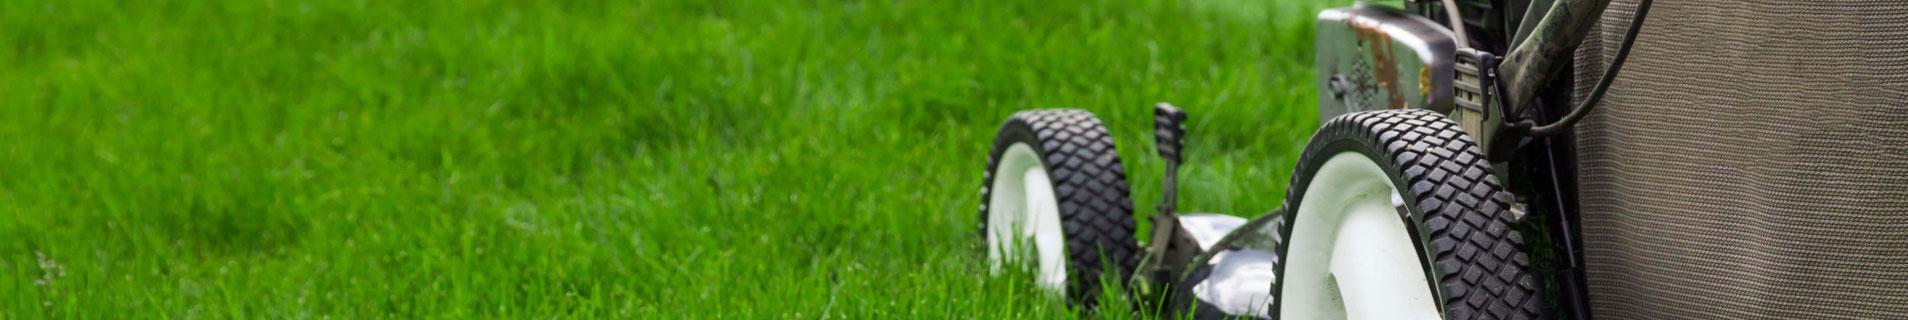 Naslovna slika za Benzinske kosačice za travu